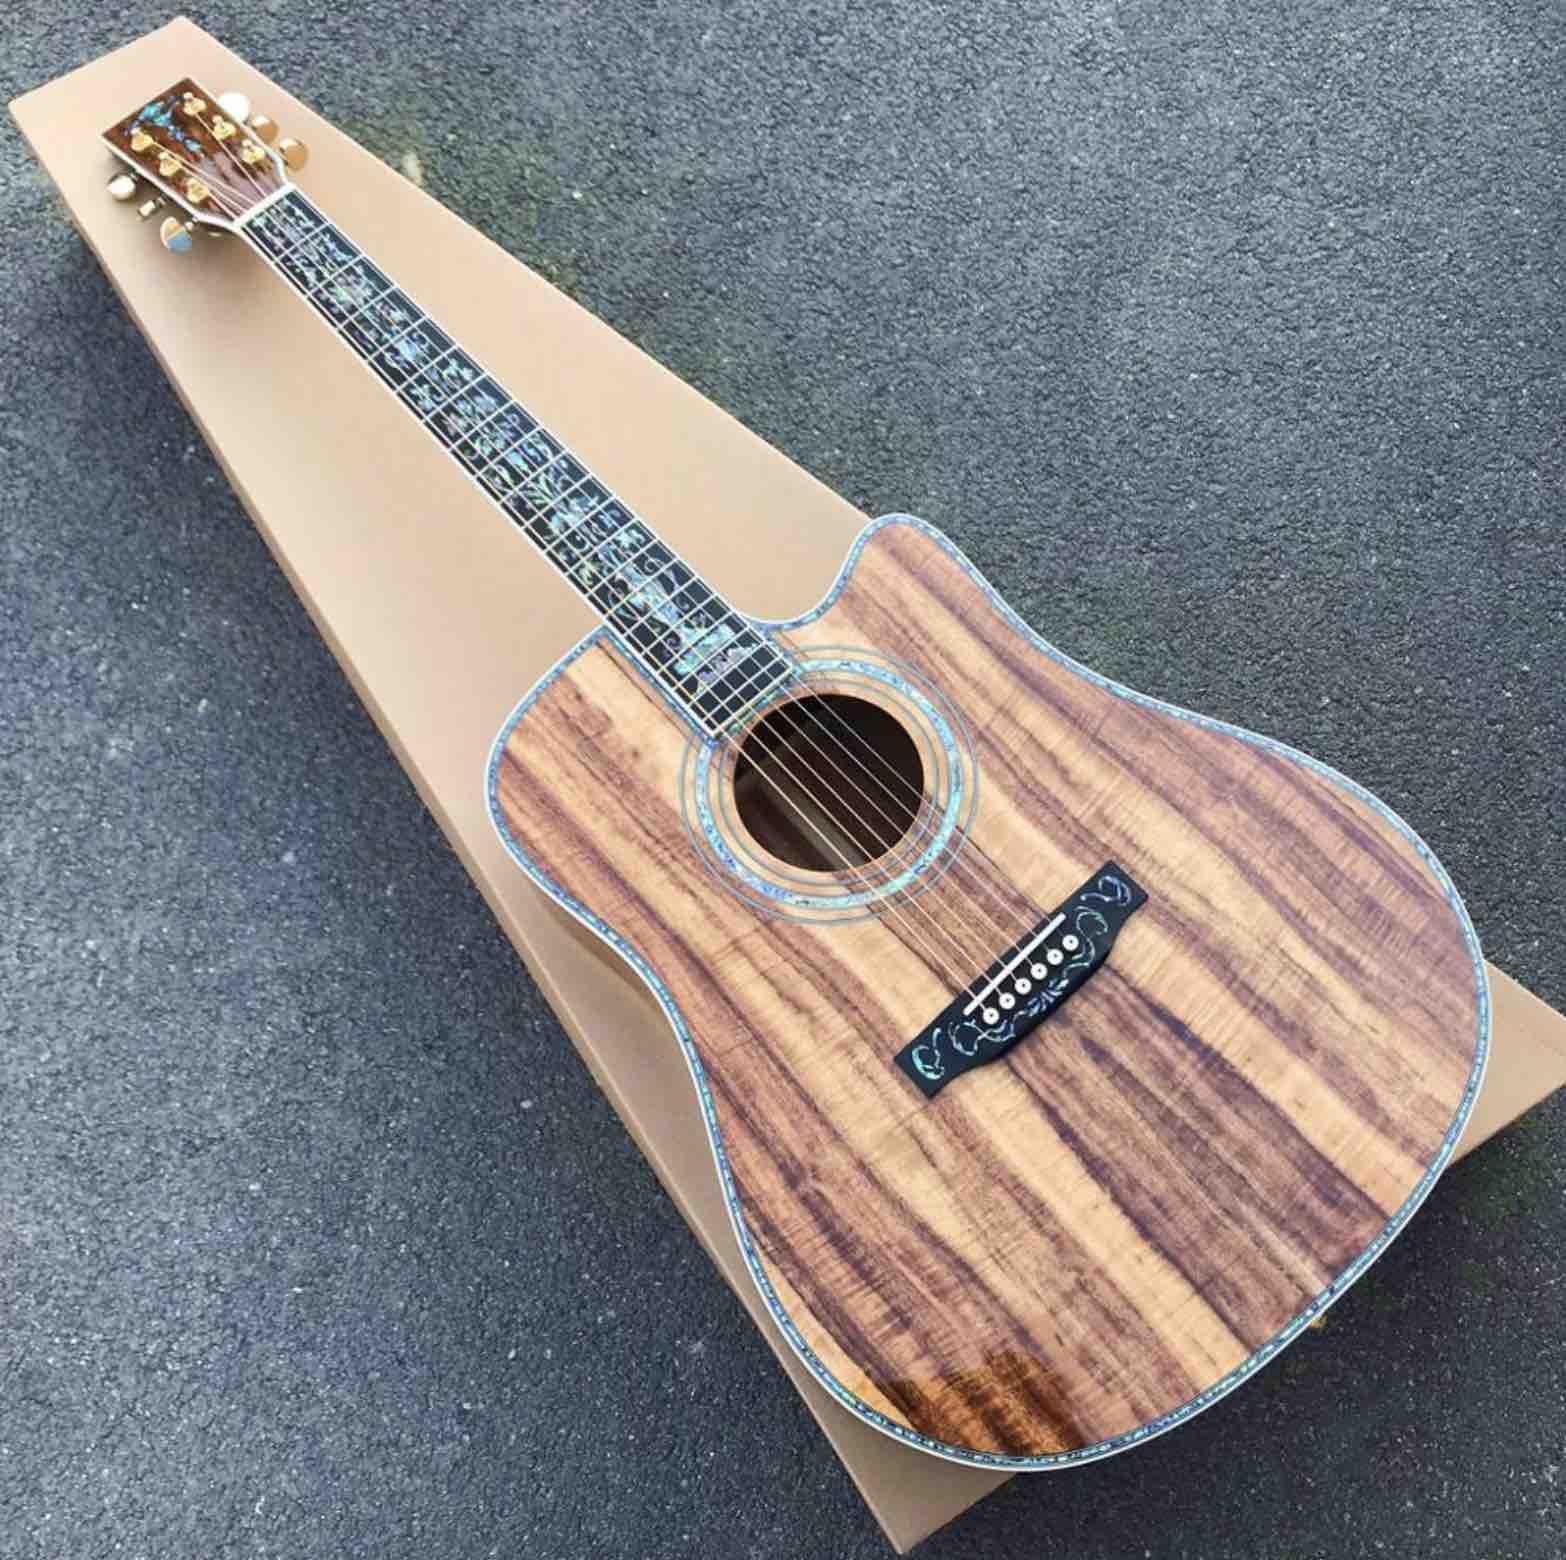 الصلبة الخشب كوا شجرة الحياة البطانة اعتراضية الجسم أذن البحر ملزم الكلاسيكية الغيتار الصوتية الشحن المجاني